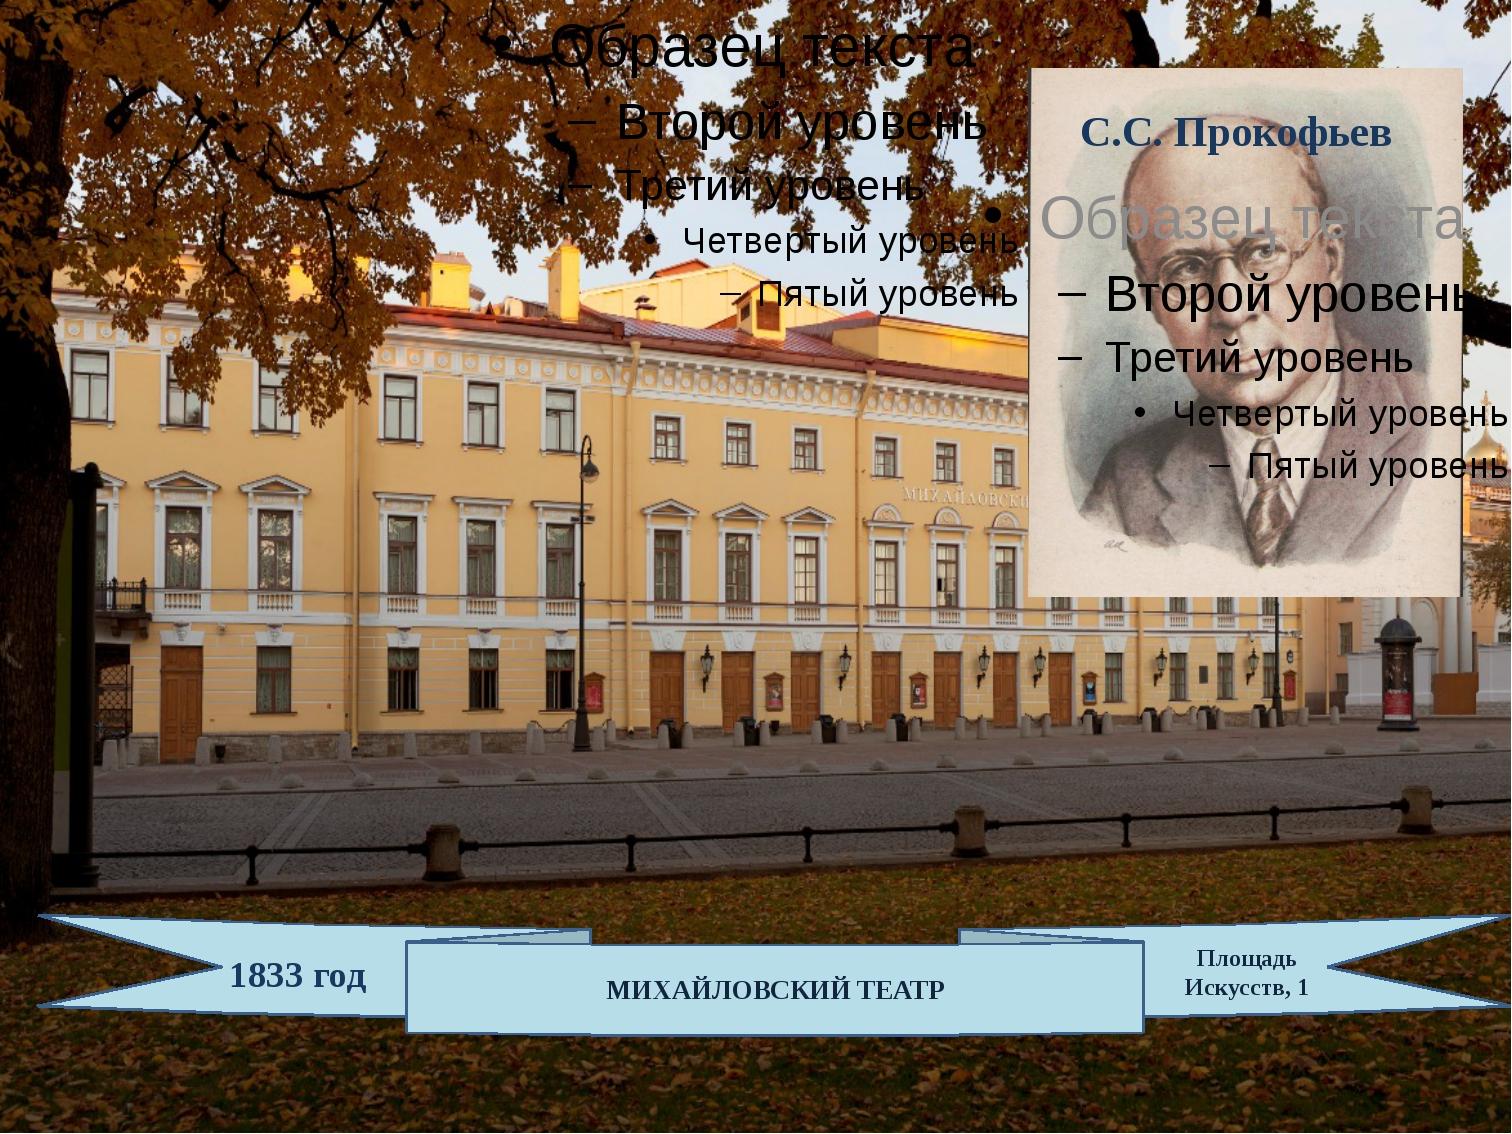 МИХАЙЛОВСКИЙ ТЕАТР 1833 год Площадь Искусств, 1 С.С. Прокофьев